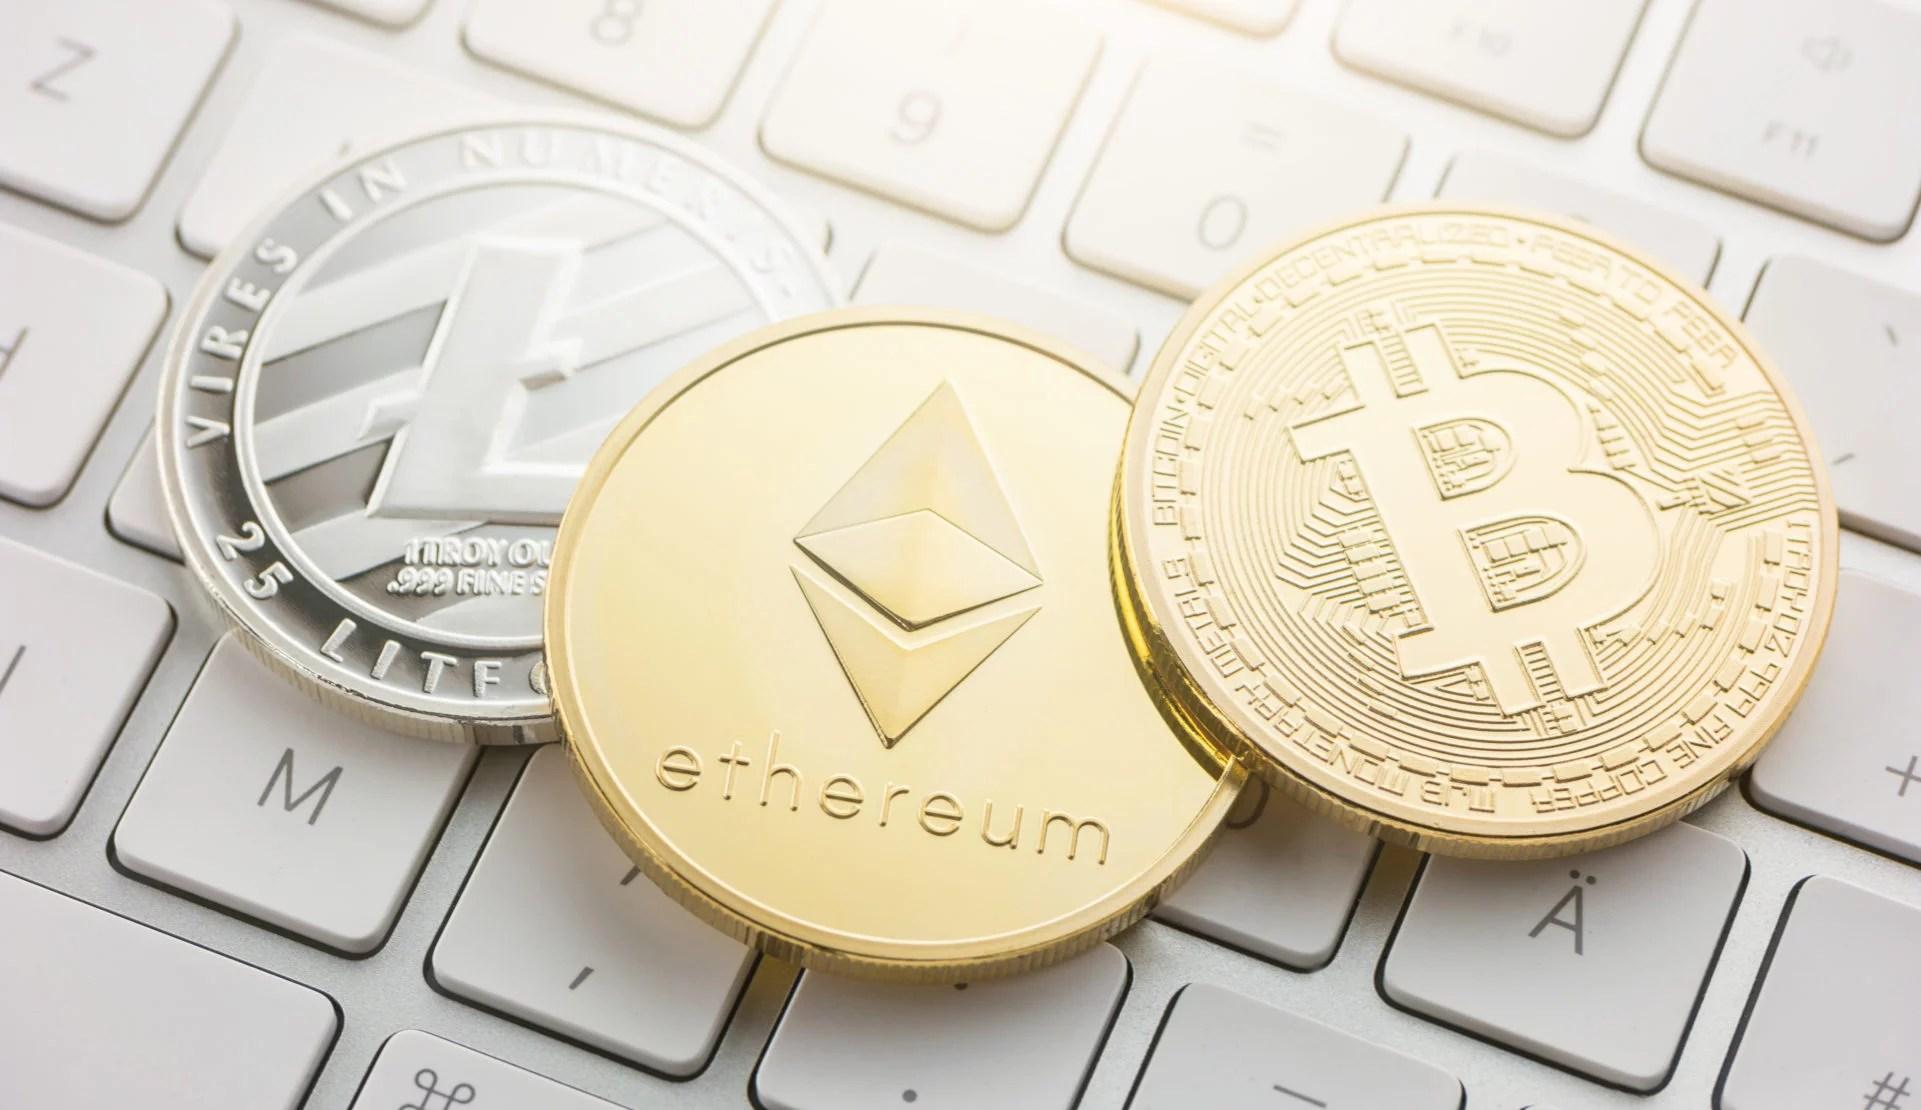 Investigación asegura que el 20% de los fondos de cobertura lanzados en 2018 son fondos criptográficos